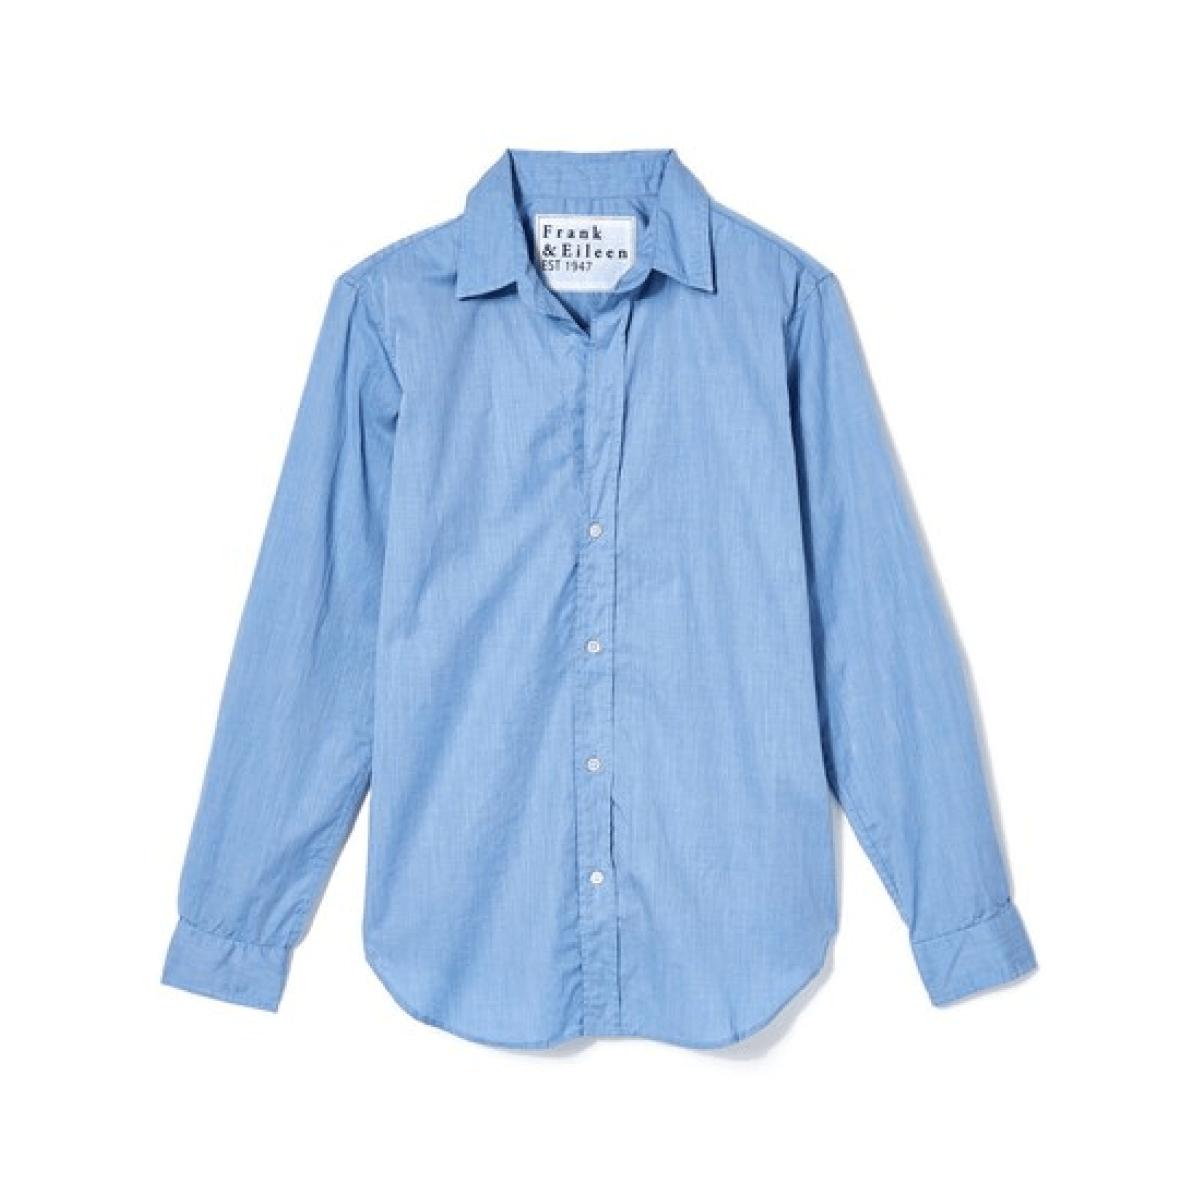 Frank & Eileen blue button down shirt